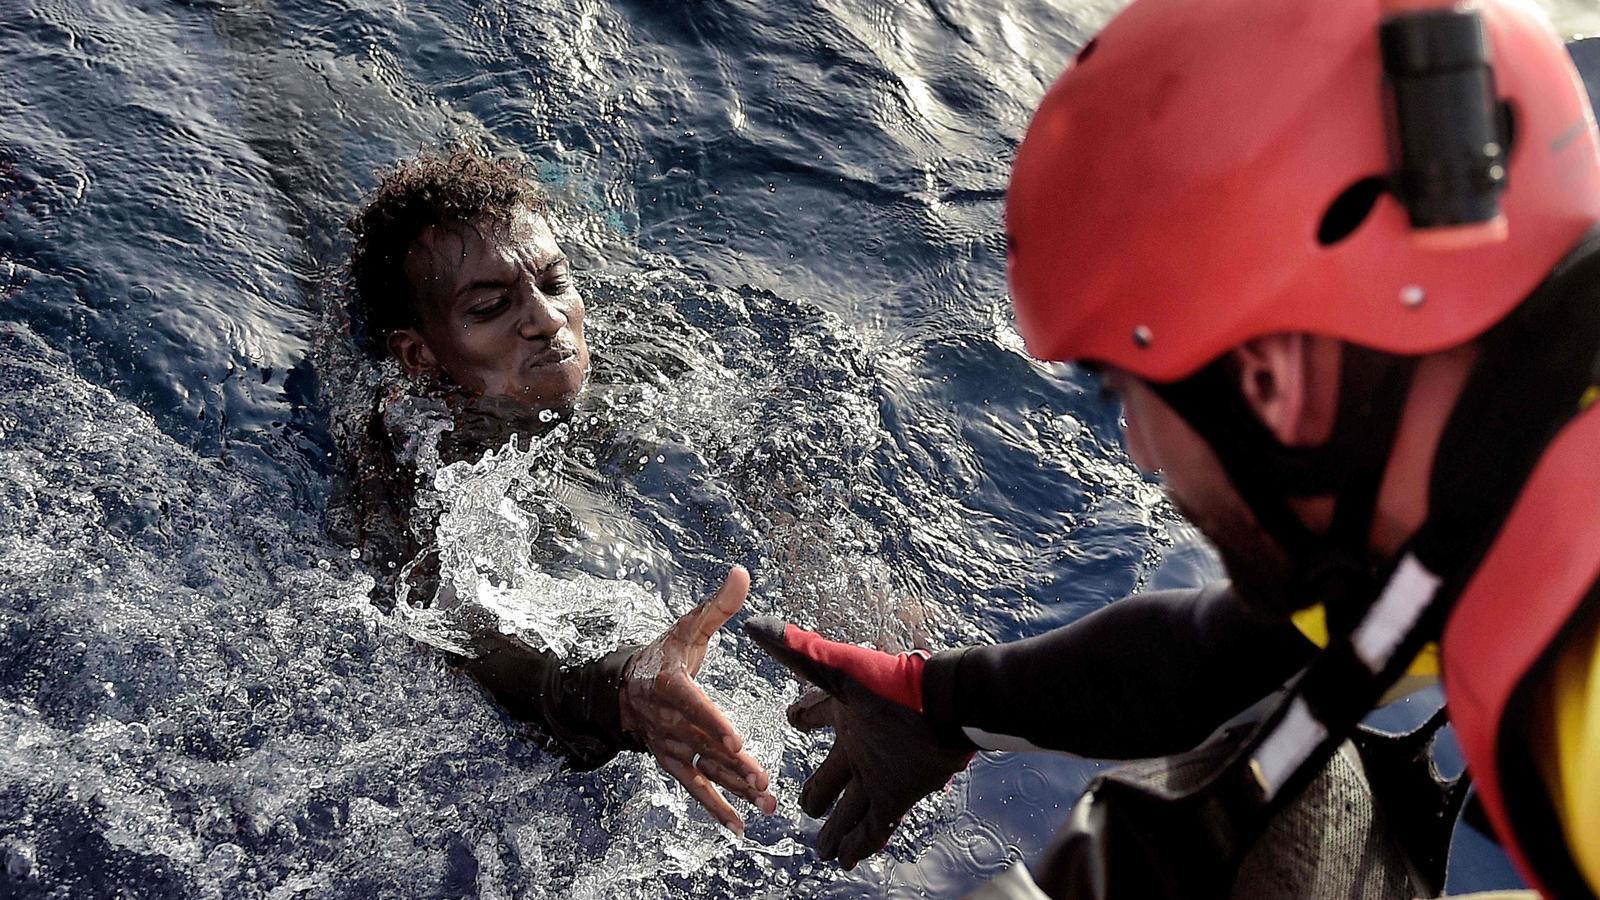 L'agència europea de fronteres carrega contra les ONG que salven immigrants